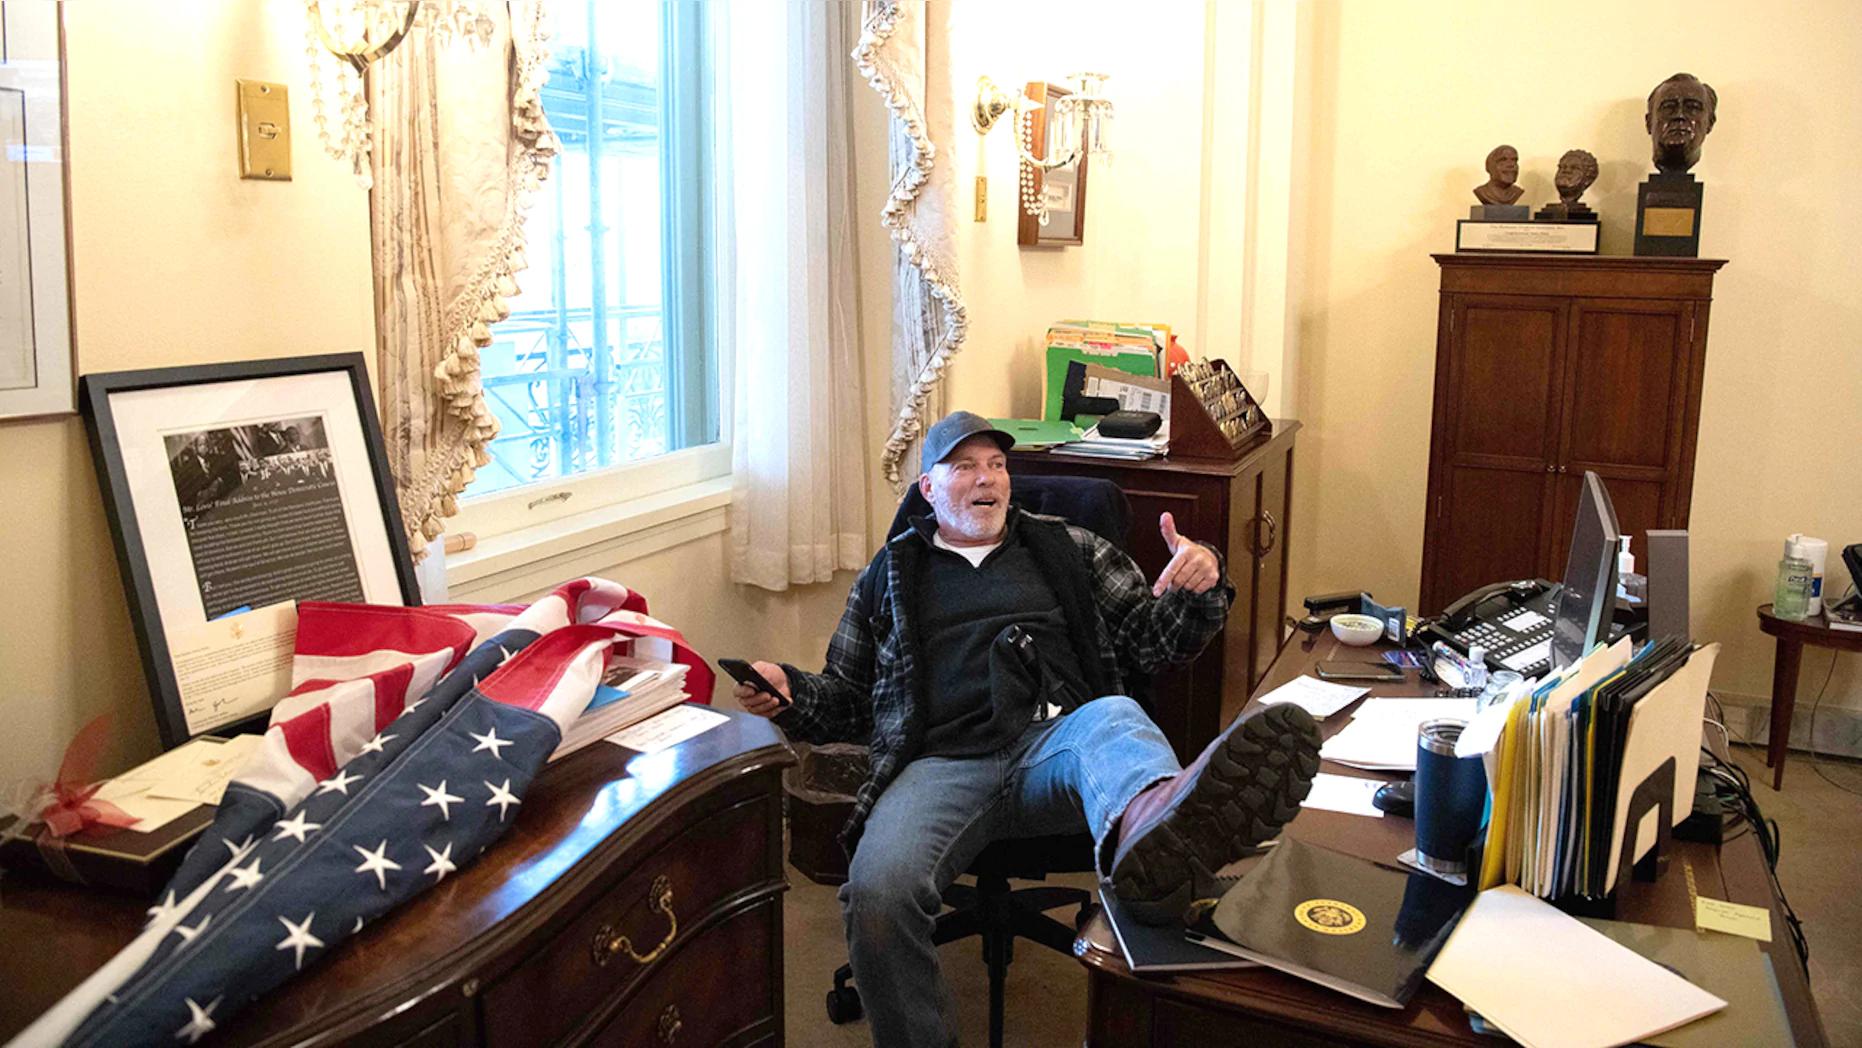 Who is Richard Barnett – Rioter pictured sitting Speaker Nancy Pelosi's office?